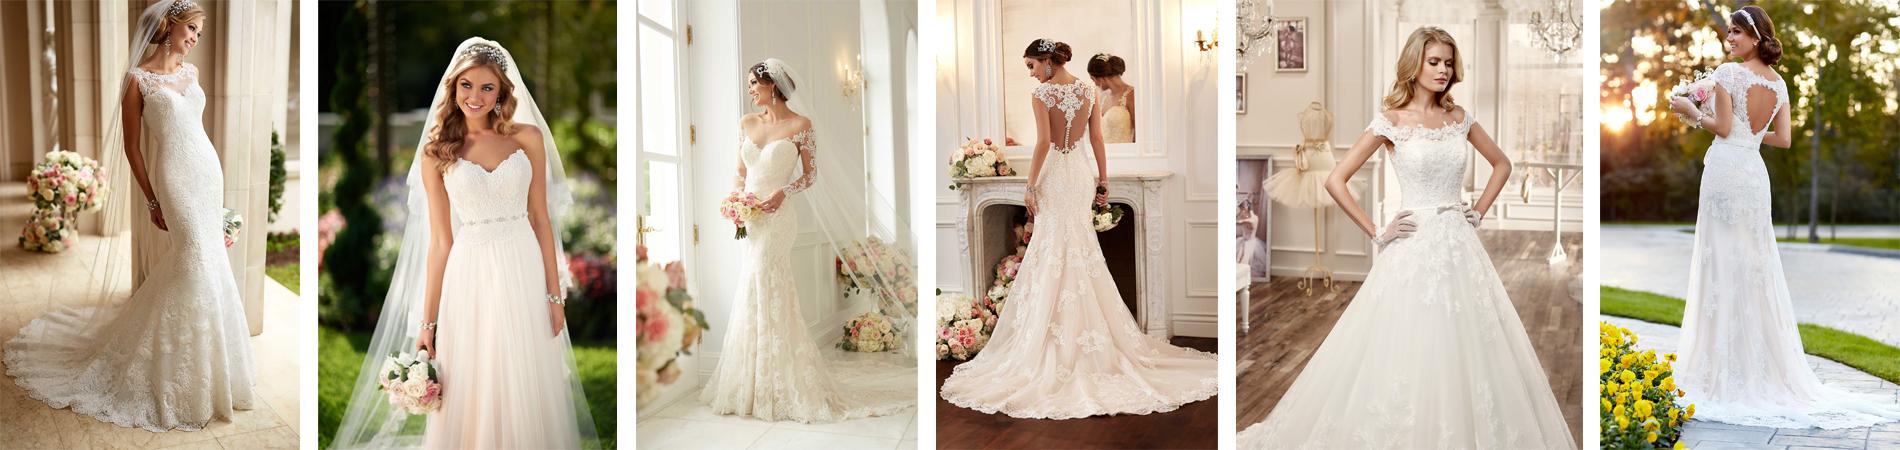 Das Brautkleid: Wunderschön am Hochzeitstag | WESTWING